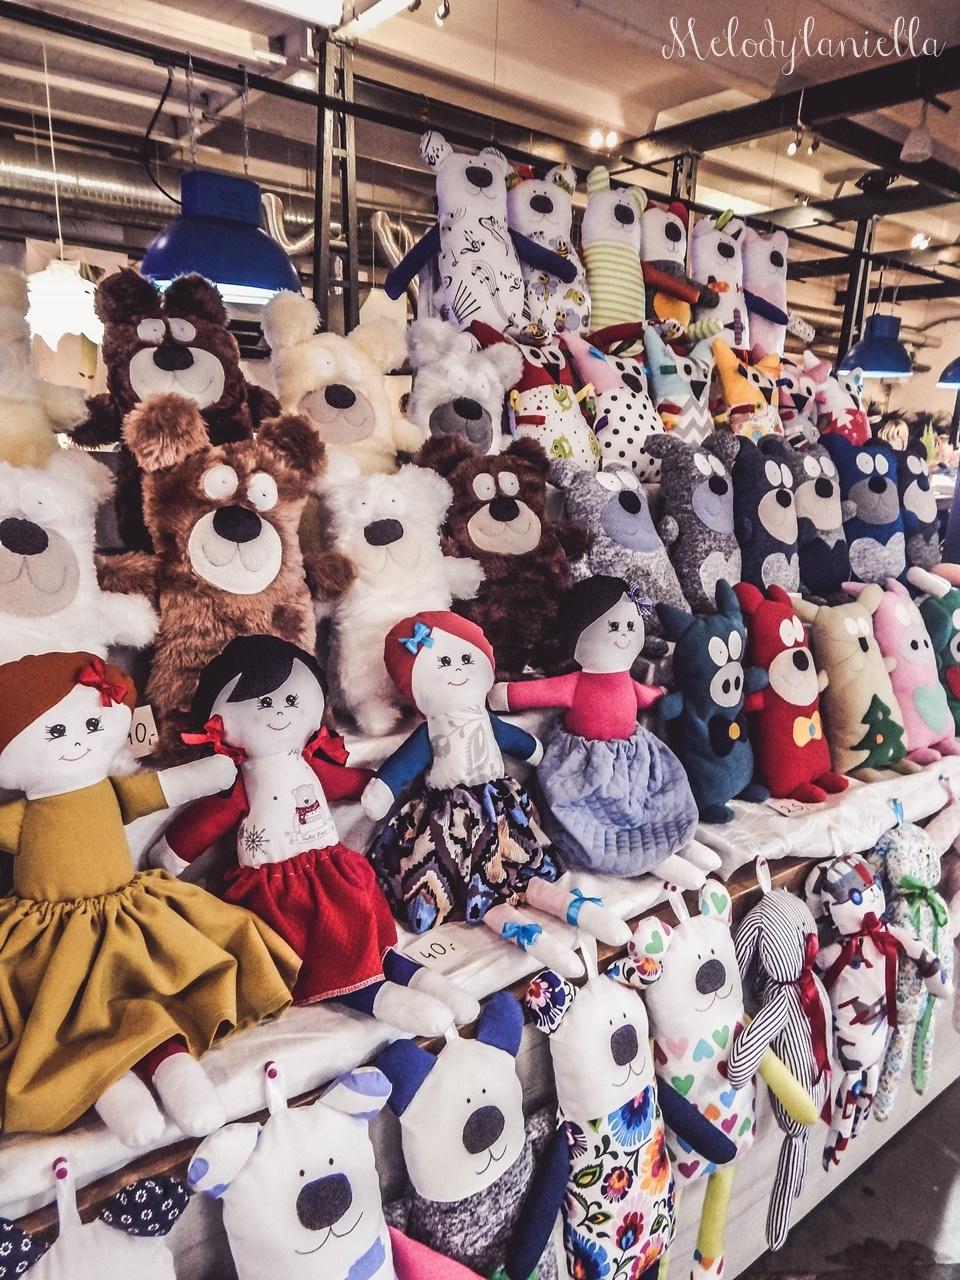 15 nietypowy jarmark świąteczny piotrkowska 217 co dzieje się w łodzi dwukropek ogrody zofii bożonarodzeniowy jarmark targ świąteczny świat z lukru pierniki świąteczne łódź biżuteria handmade piando zigner